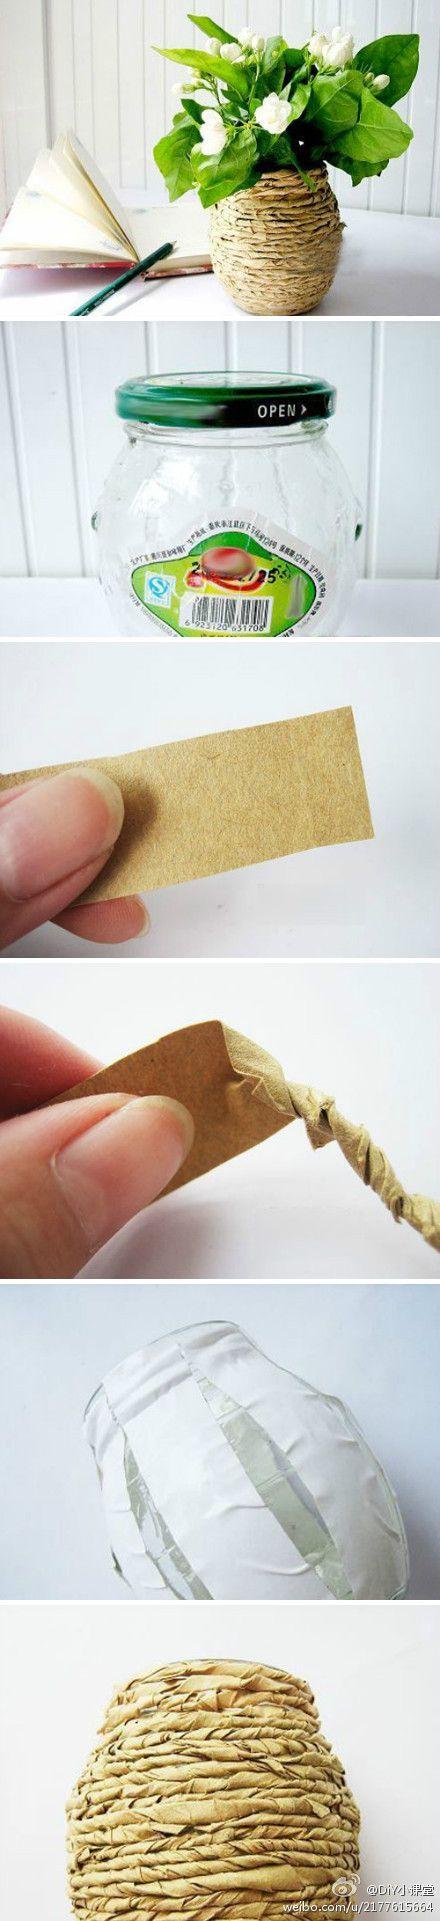 Proyecto finde: un jarrón decorado con papel